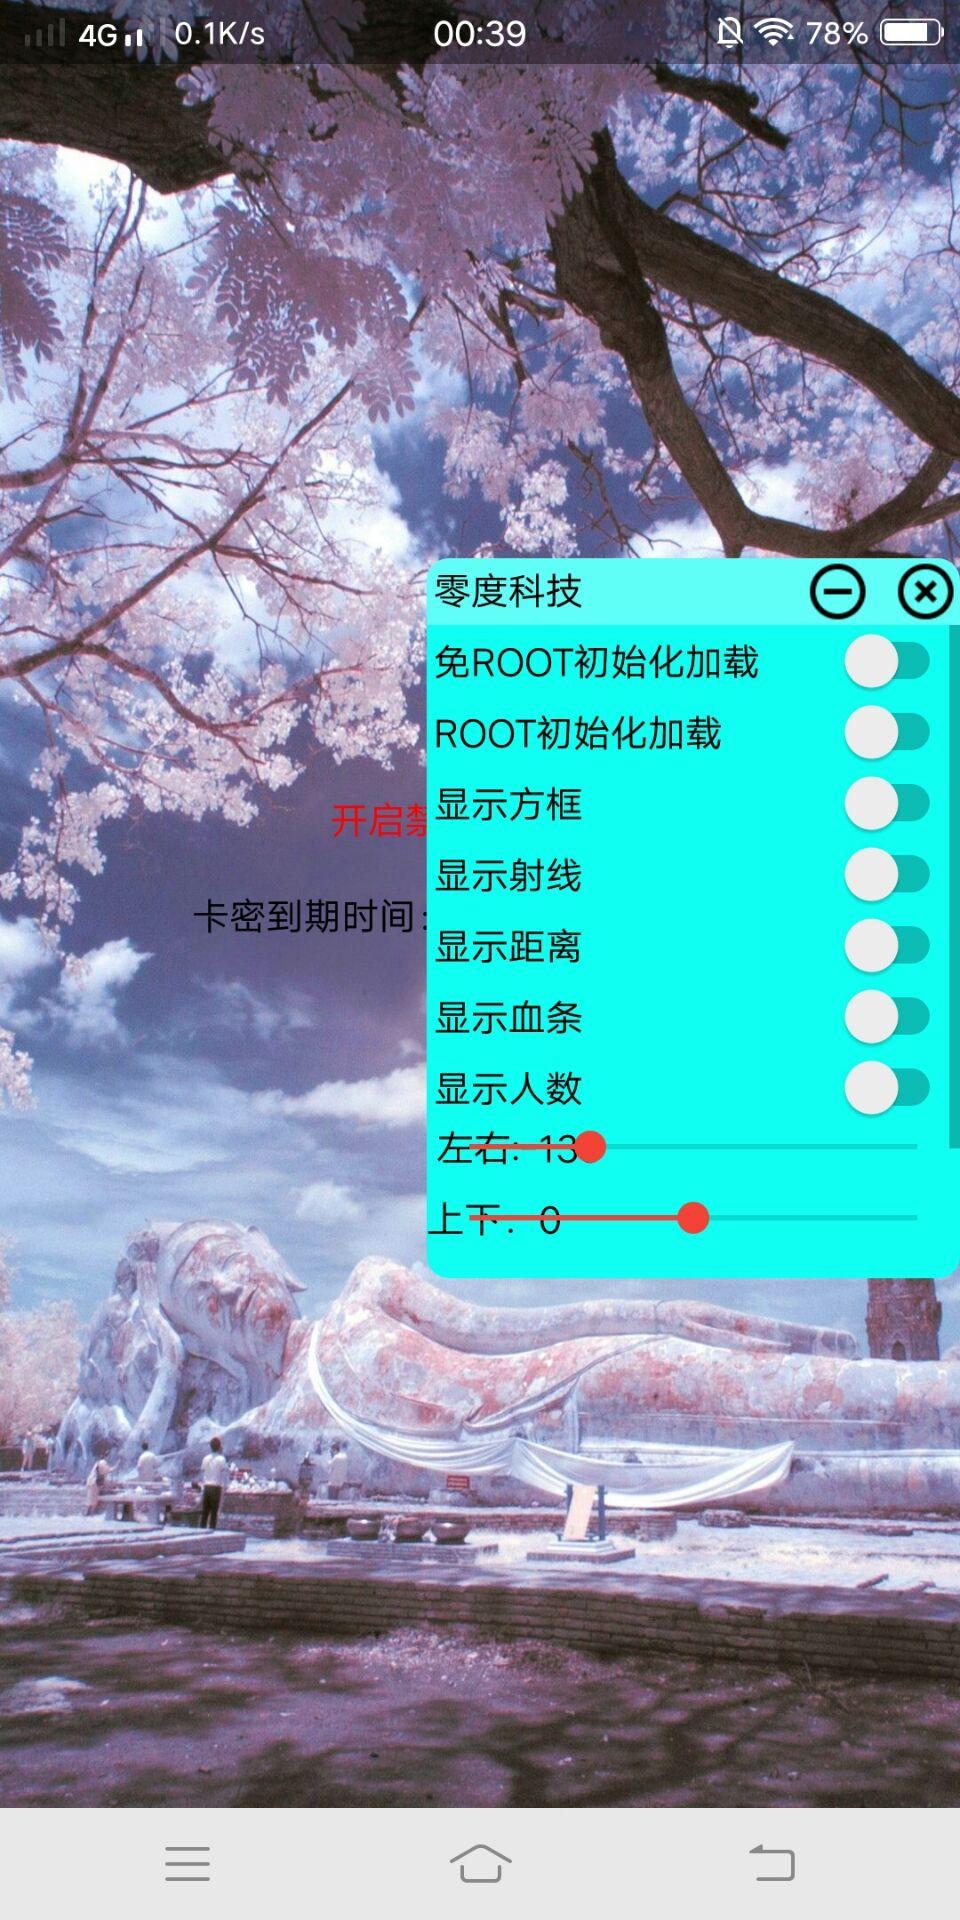 61A2686239B8CC9C119F1E3FC9E2B774.jpg